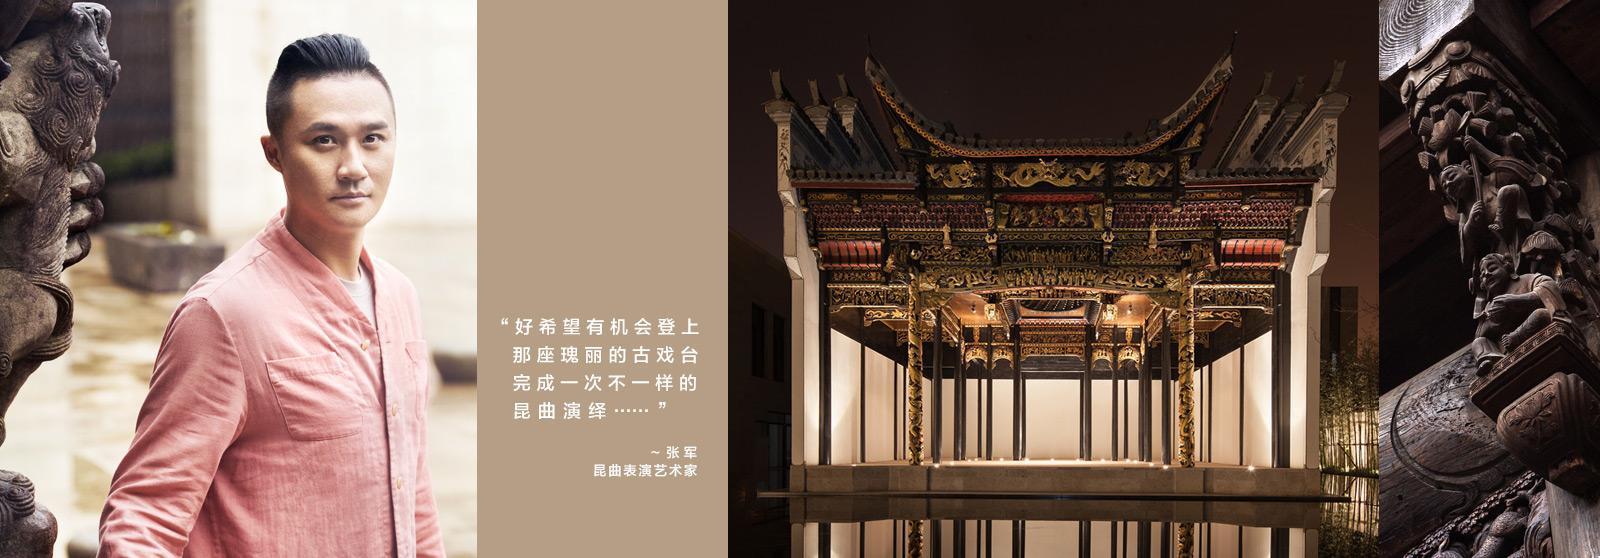 探索古意盎然的朱家角安麓 活动  www.lhw.cn